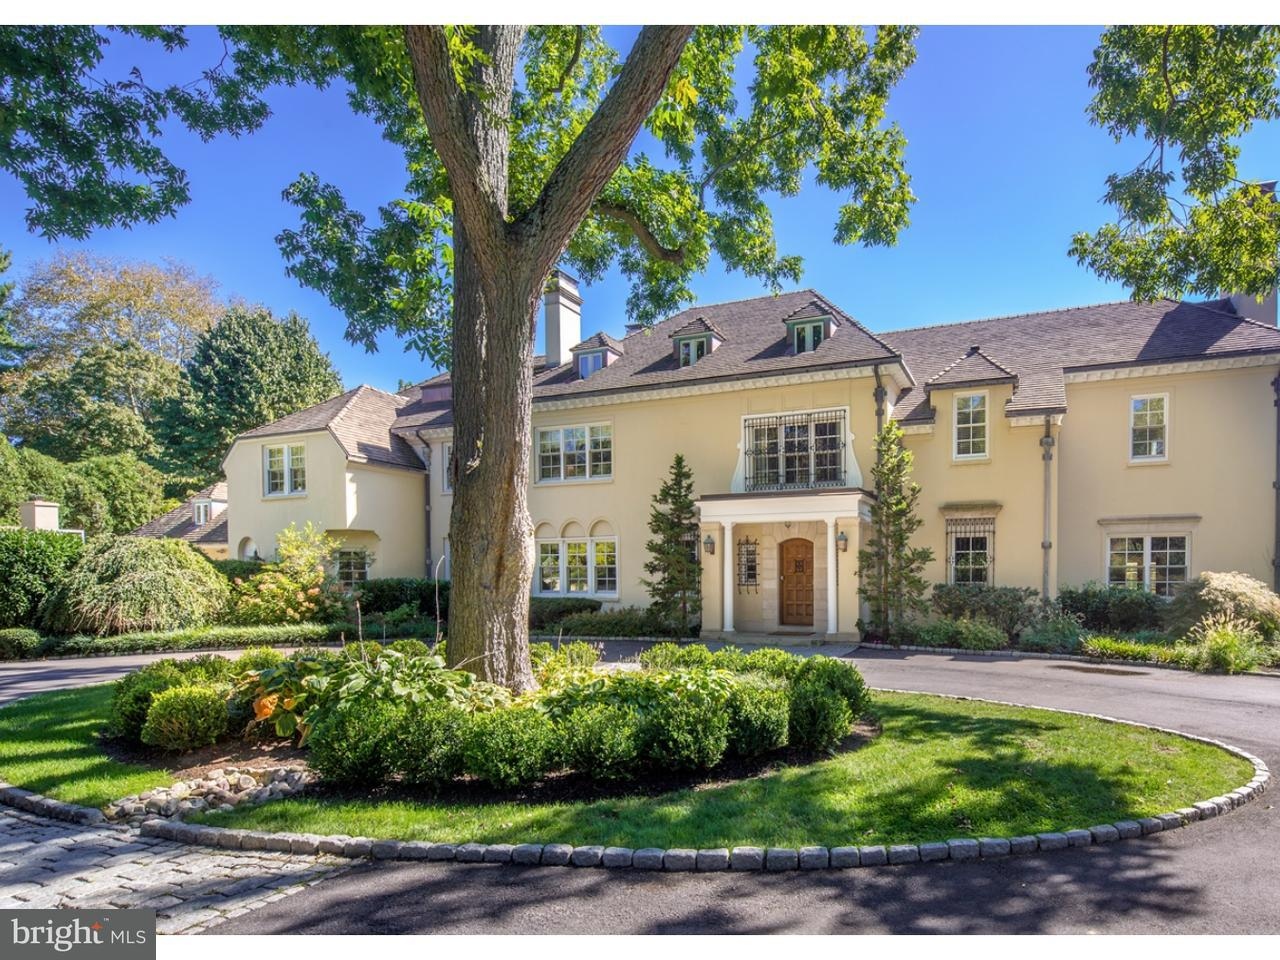 独户住宅 为 销售 在 1301 LAFAYETTE Road 德维恩, 宾夕法尼亚州 19035 美国